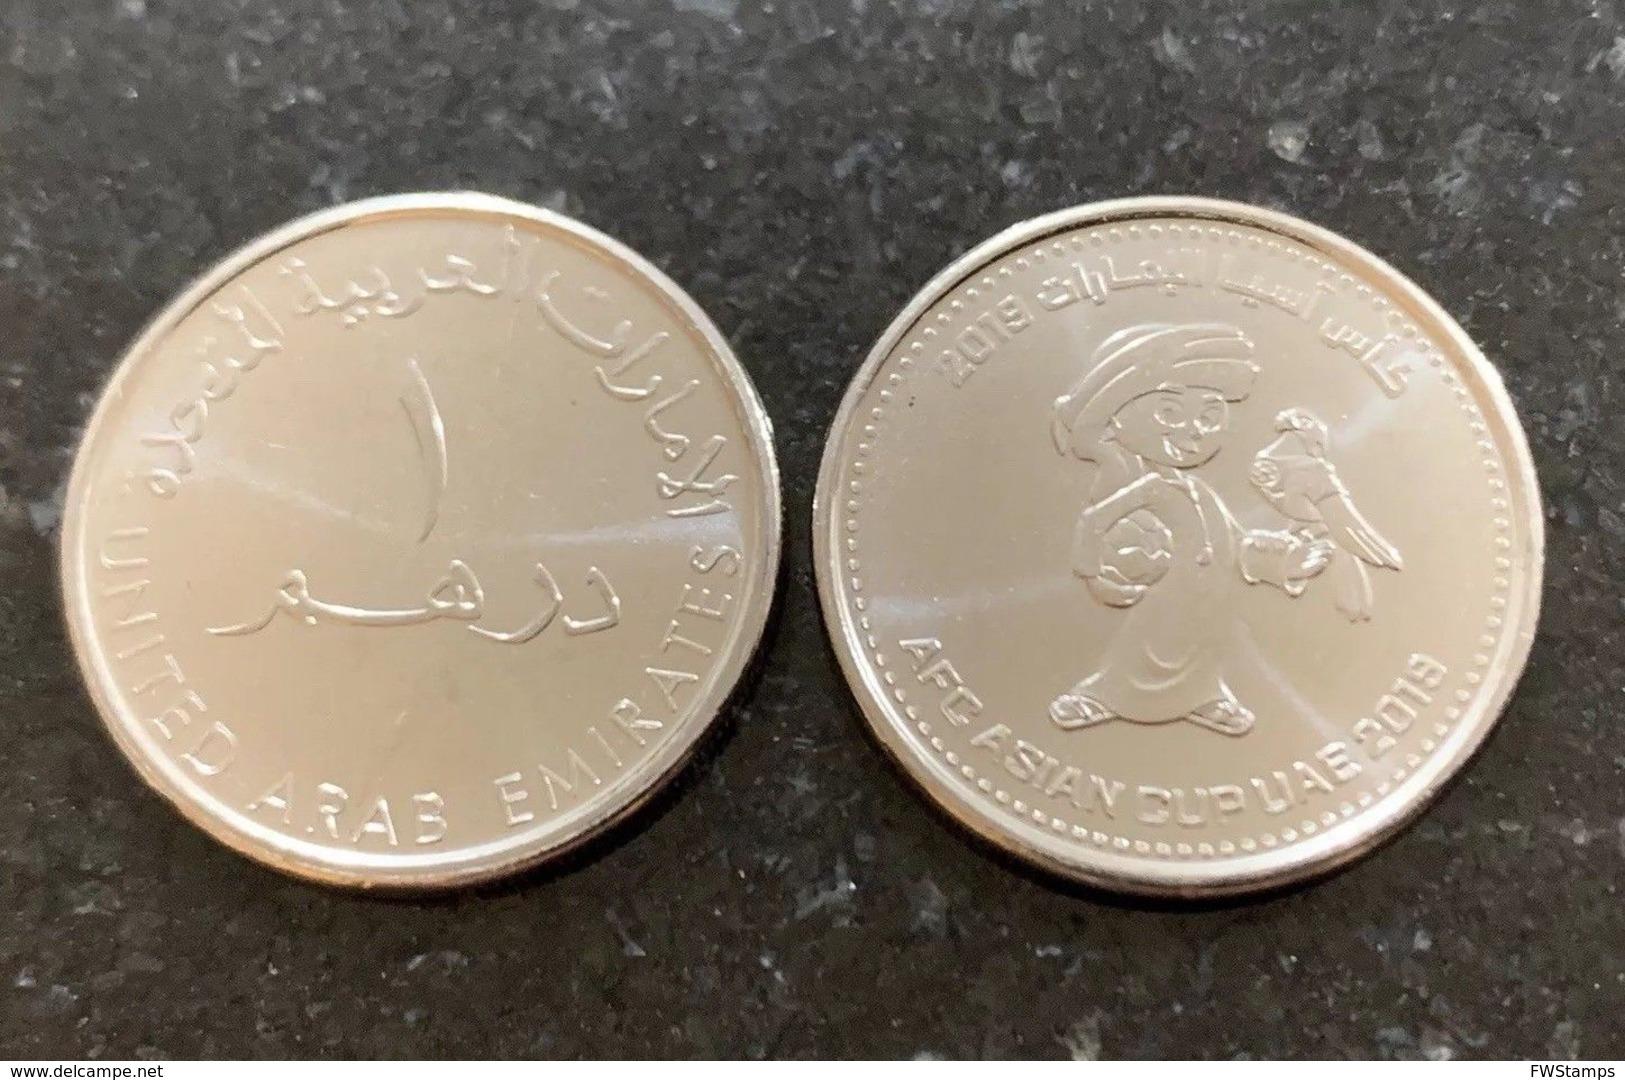 UAE 1 Dirham Coin Commemorative 2019 Asian Football Cup UNC - Emirats Arabes Unis